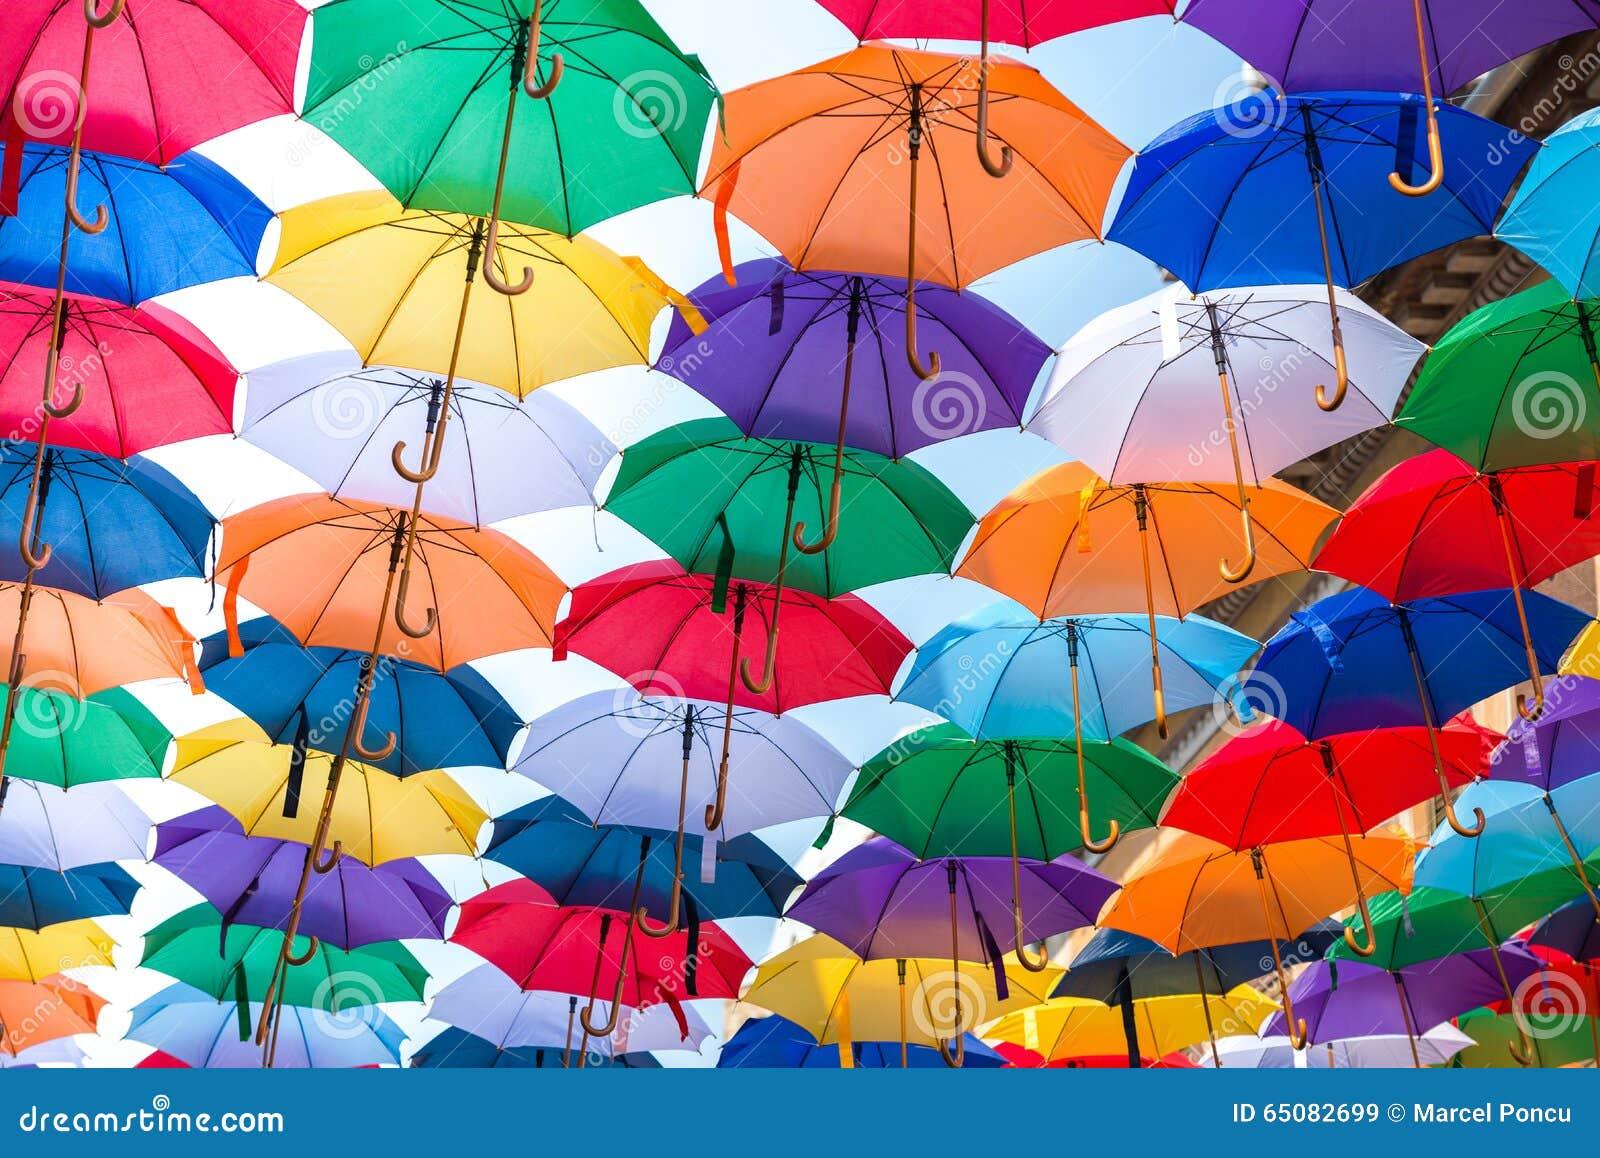 Kleur Veel Kleur : Veel paraplu s die de hemel kleuren stock afbeelding afbeelding